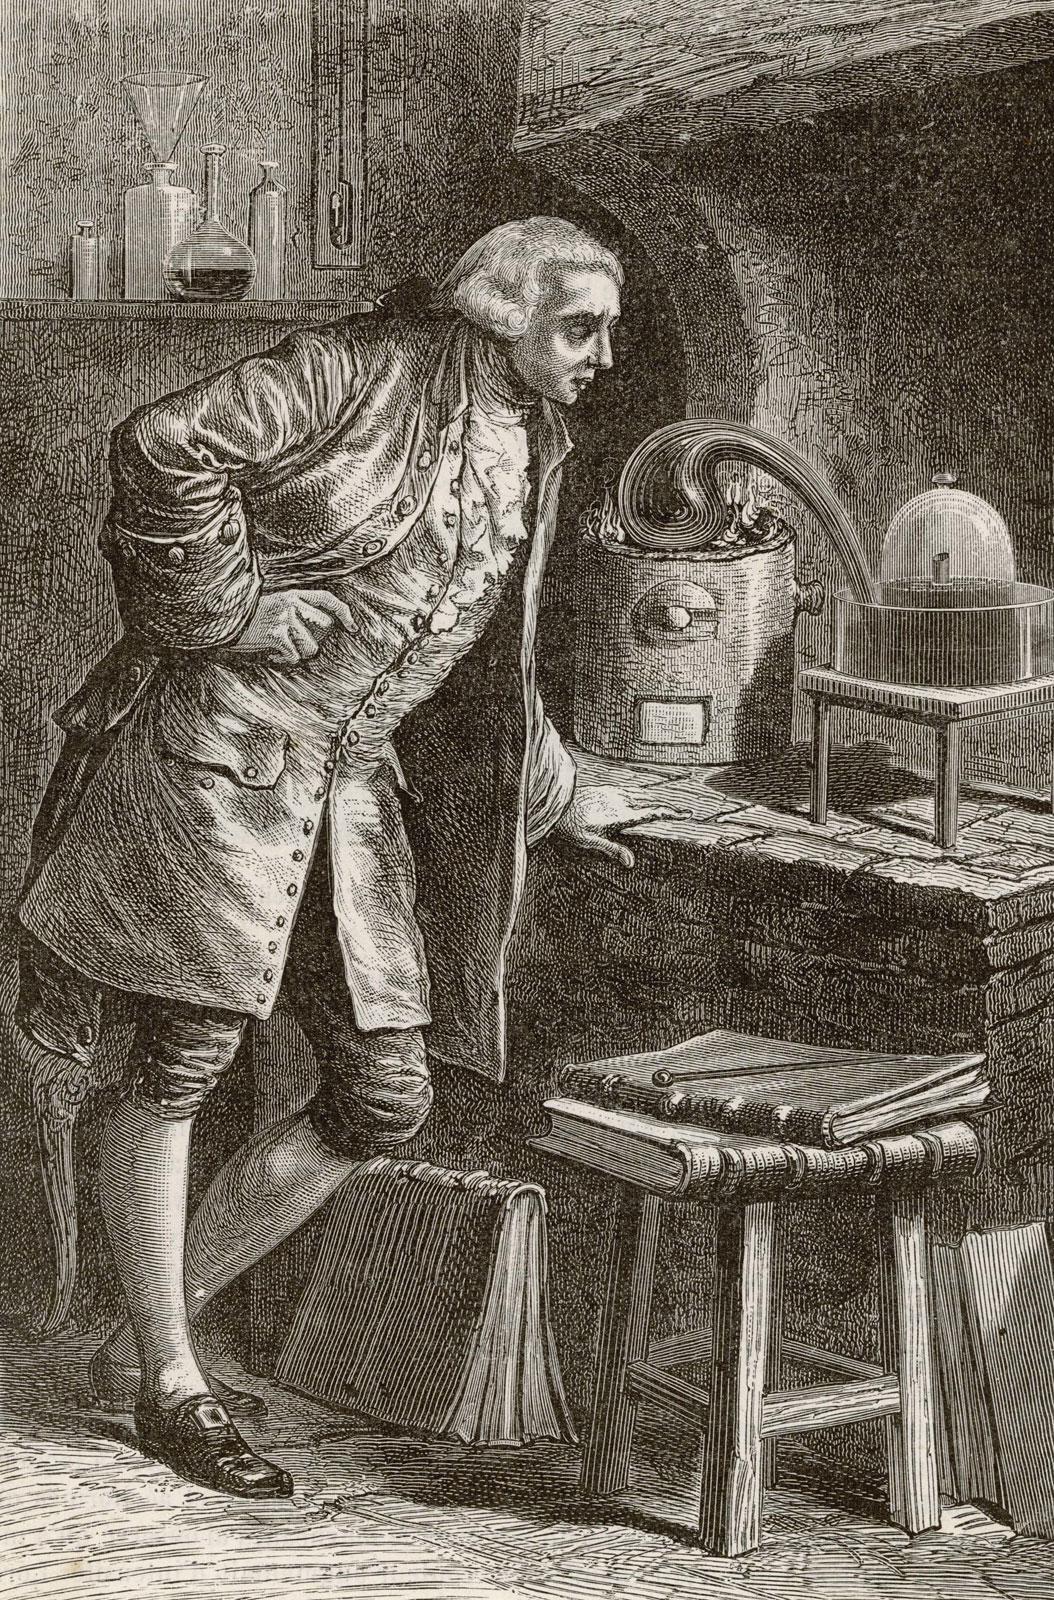 أنطوان لافوازييه محصل الضرائب والكيميائي